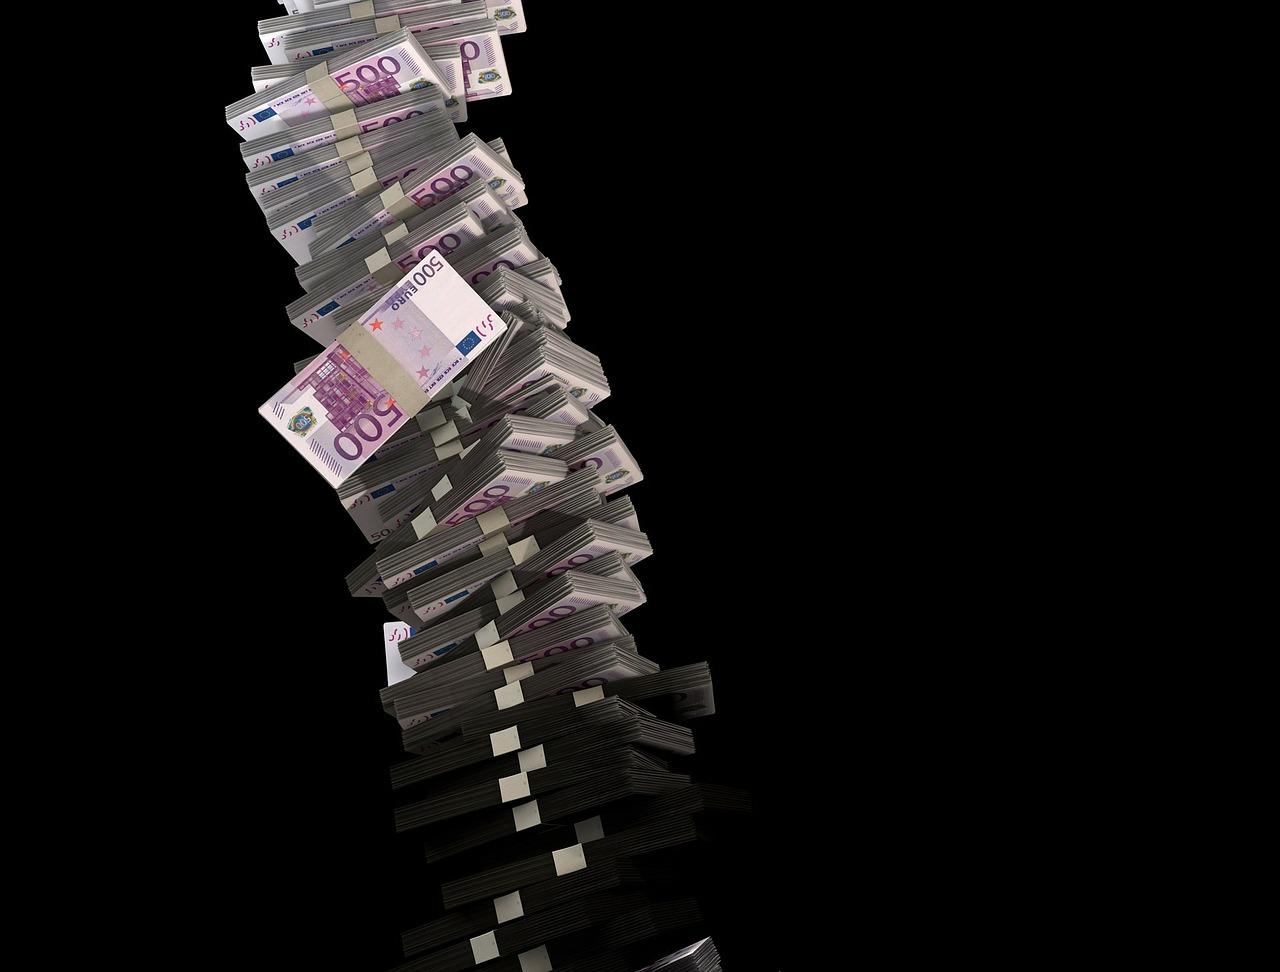 metodi illegali per fare soldi